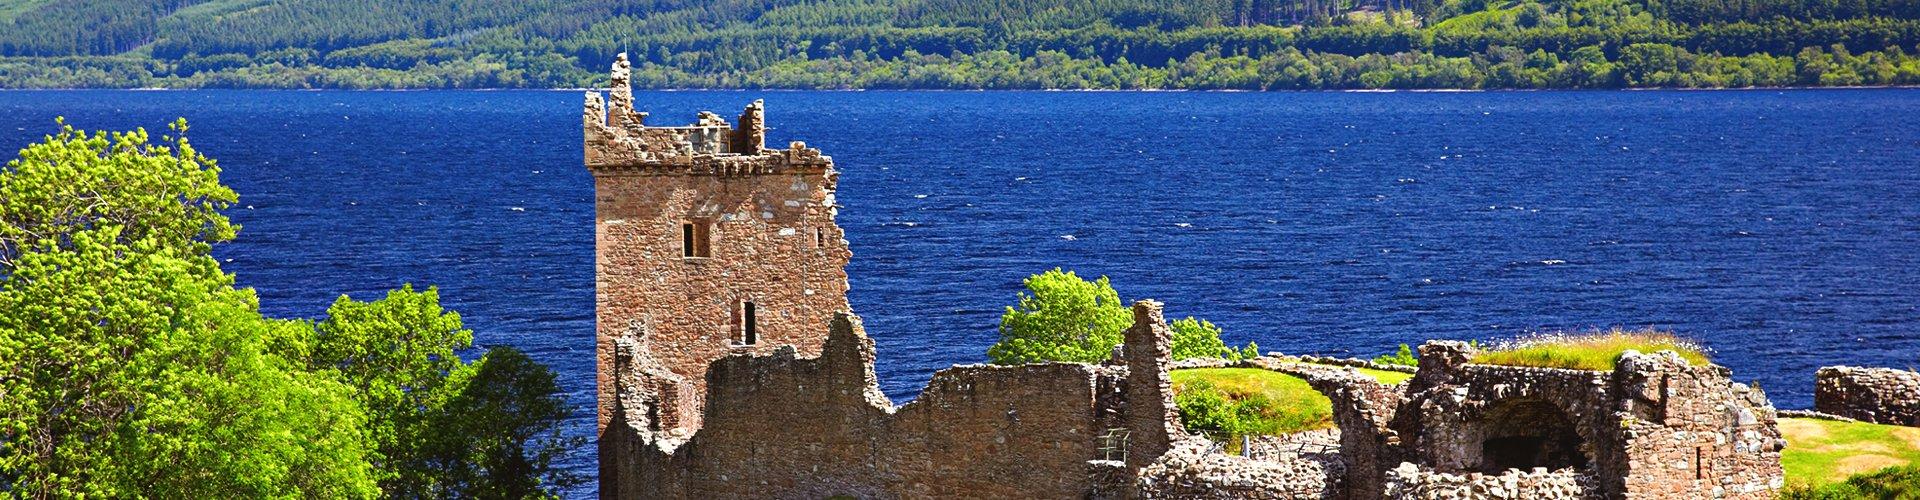 Urghart Castle aan Loch Ness, Schotland, Groot-Brittannië